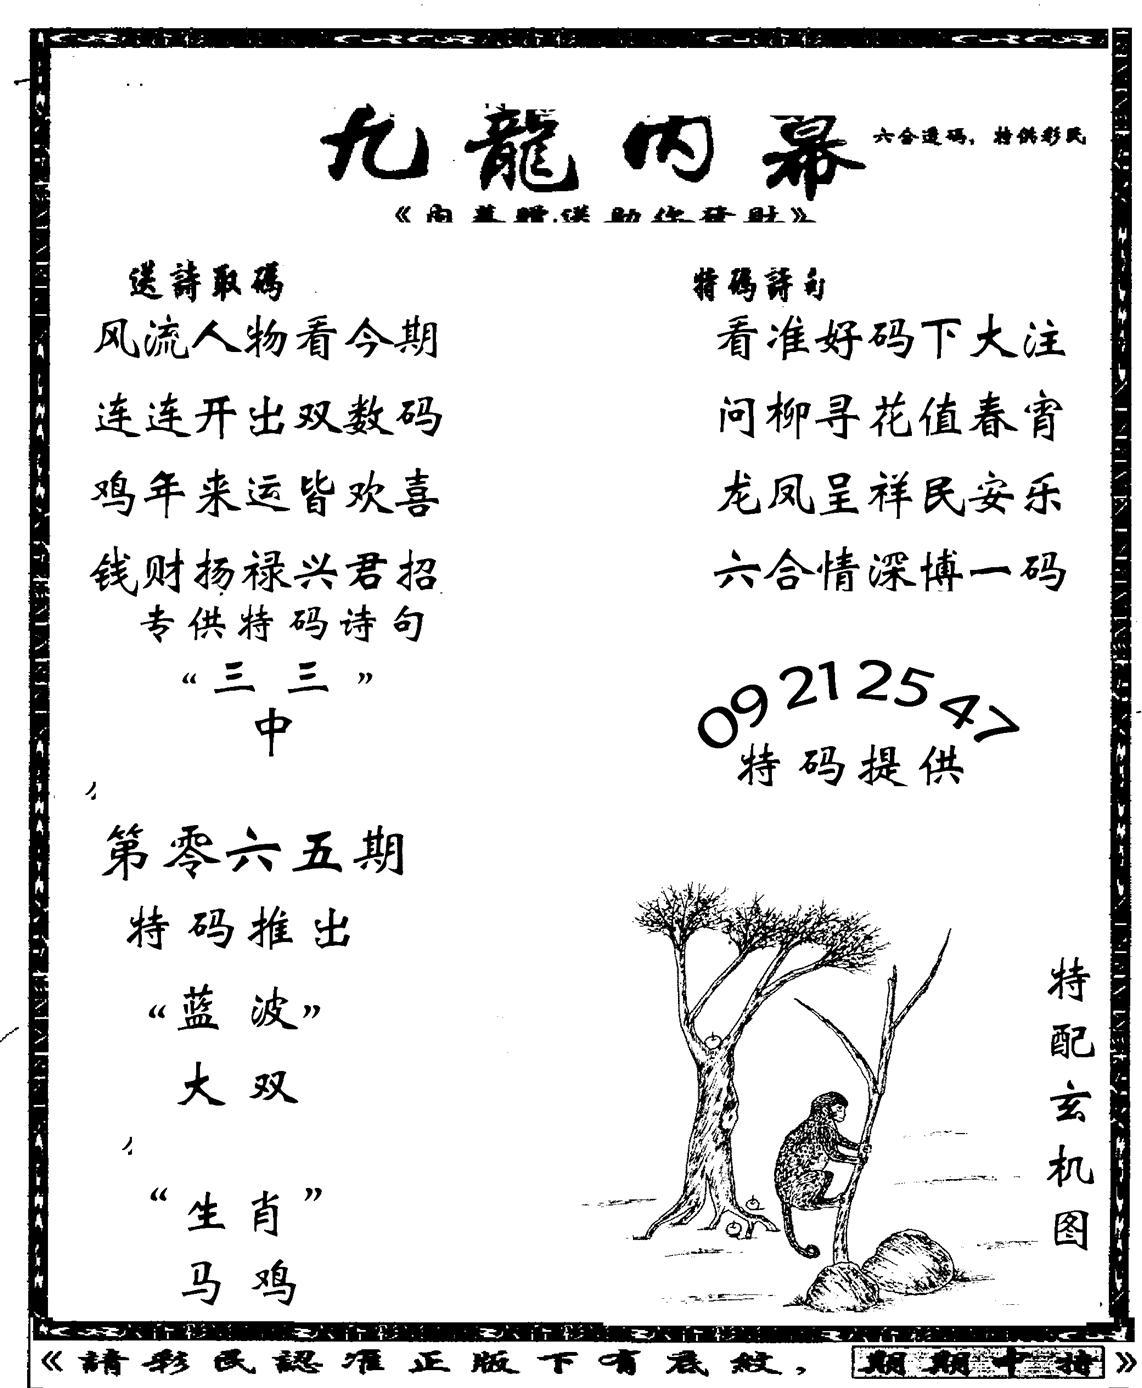 065期老九龙内幕(黑白)